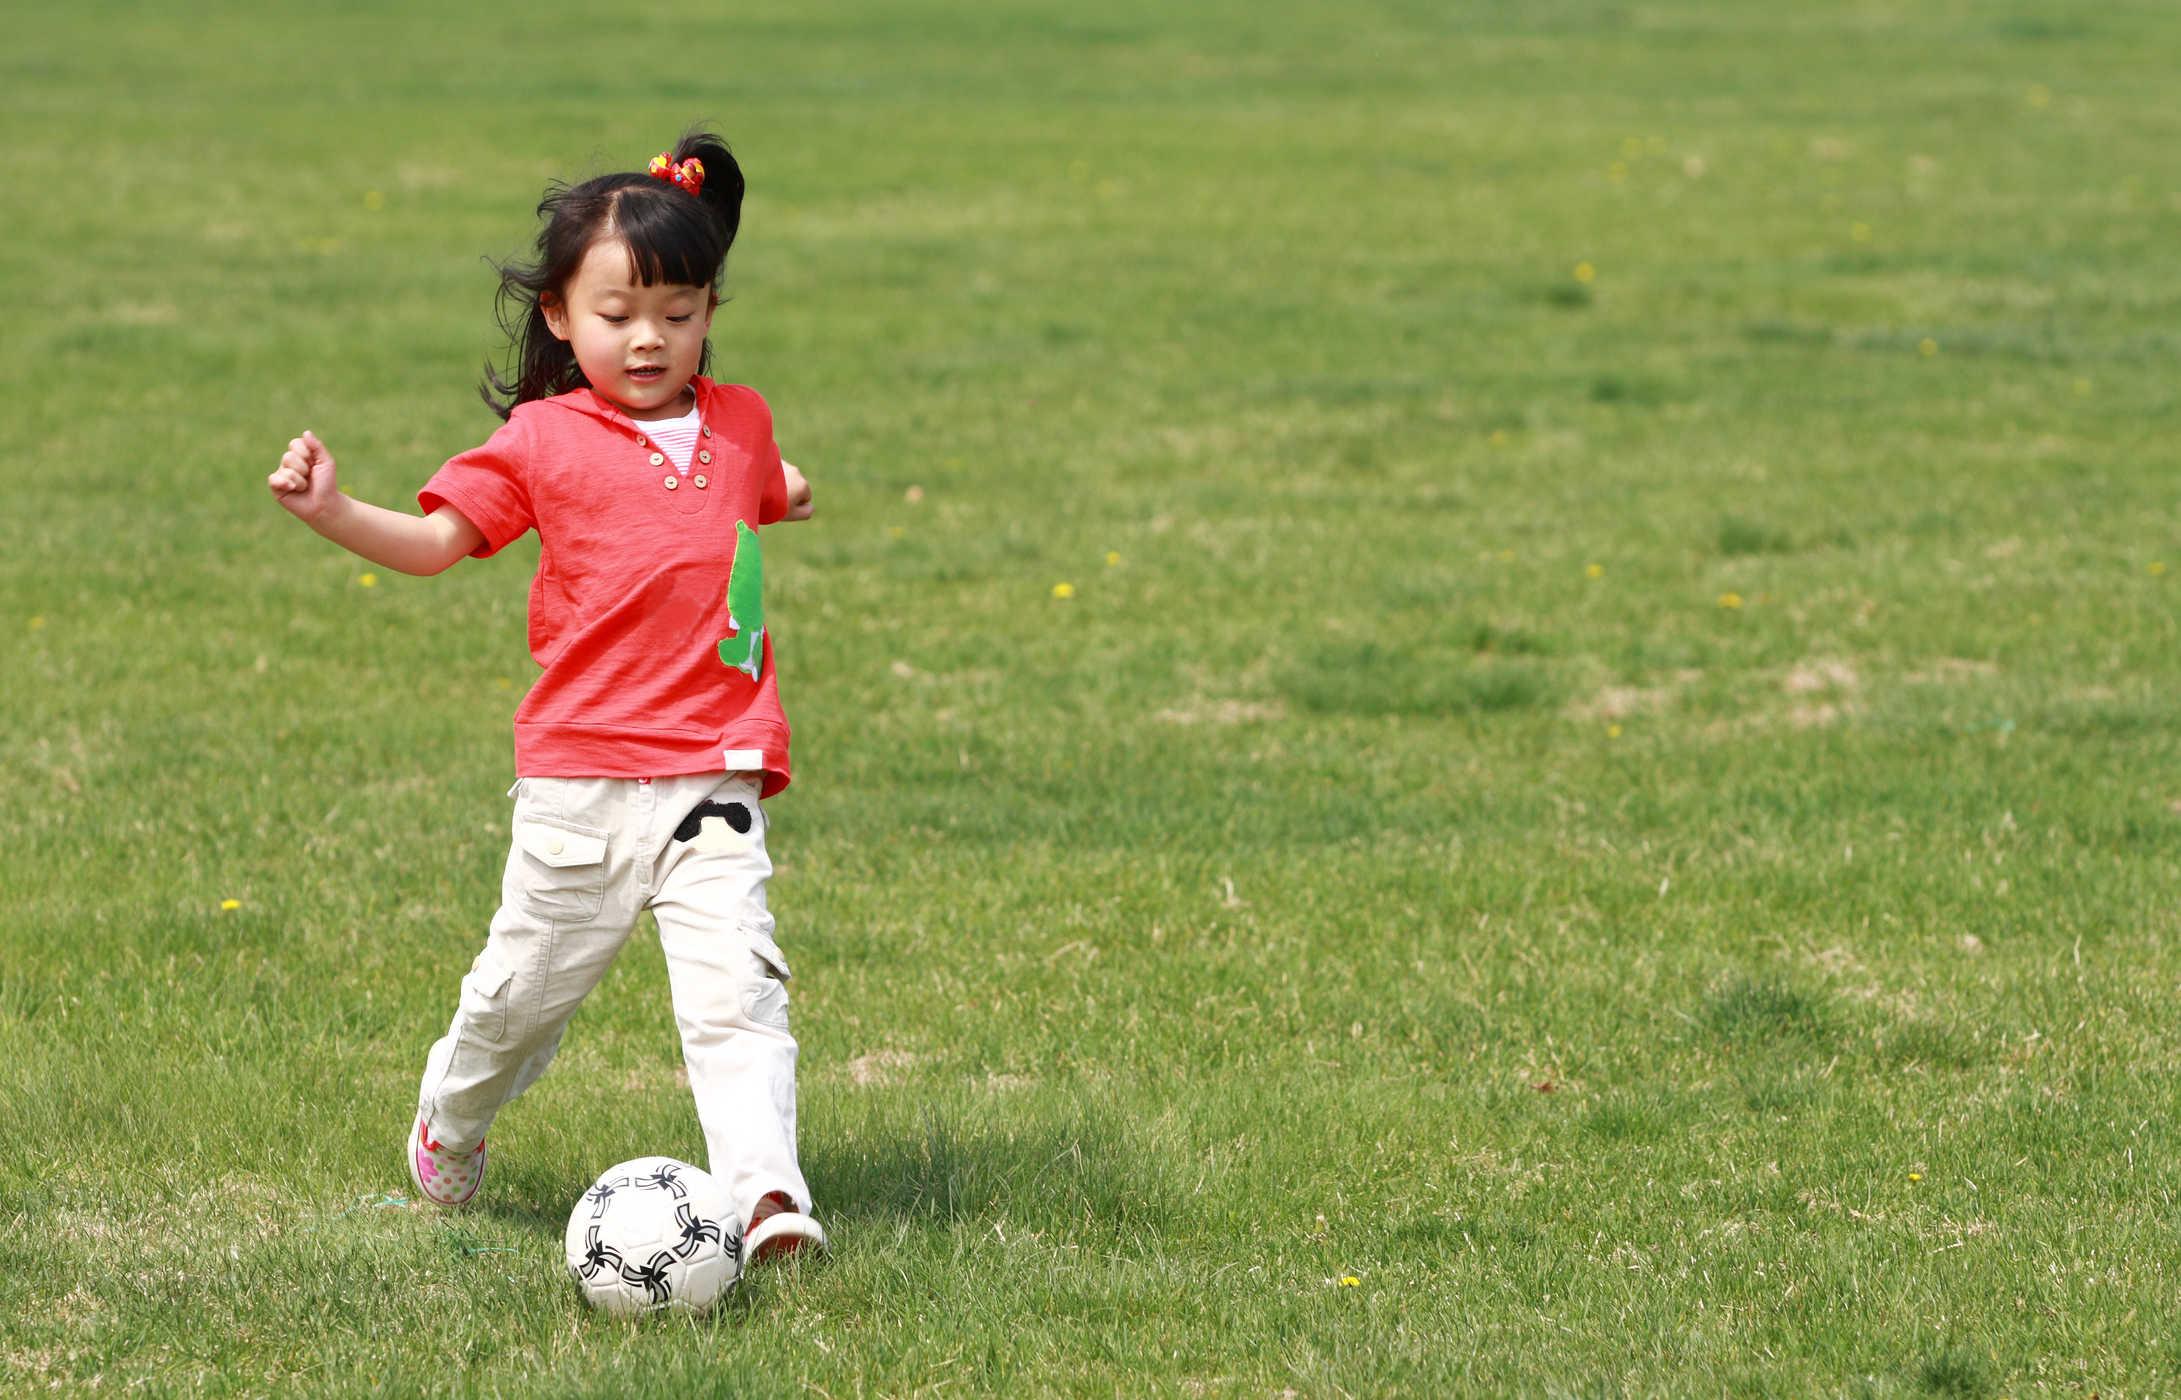 Lợi ích bất ngờ từ thói quen tập Thể dục thể thao đối với lứa tuổi học sinh 1